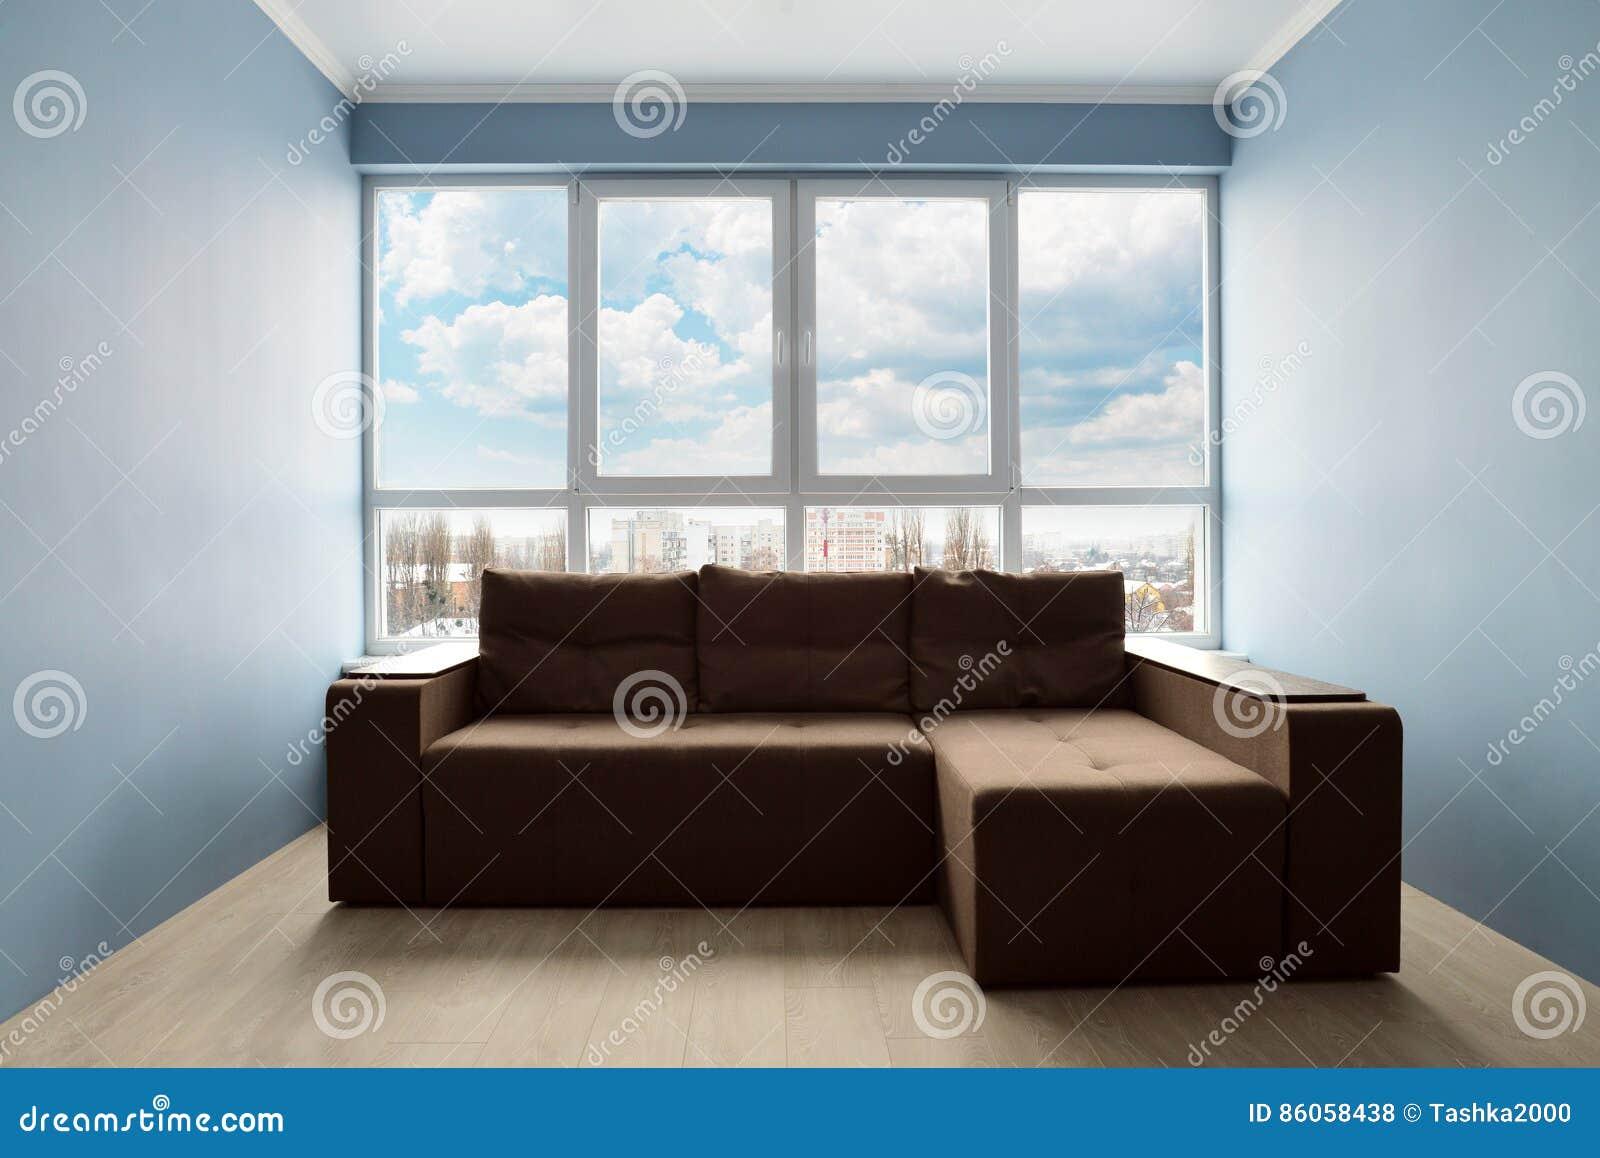 Säubern Sie Wohnzimmer Mit Brauner Couch Stockfoto - Bild von braun ...